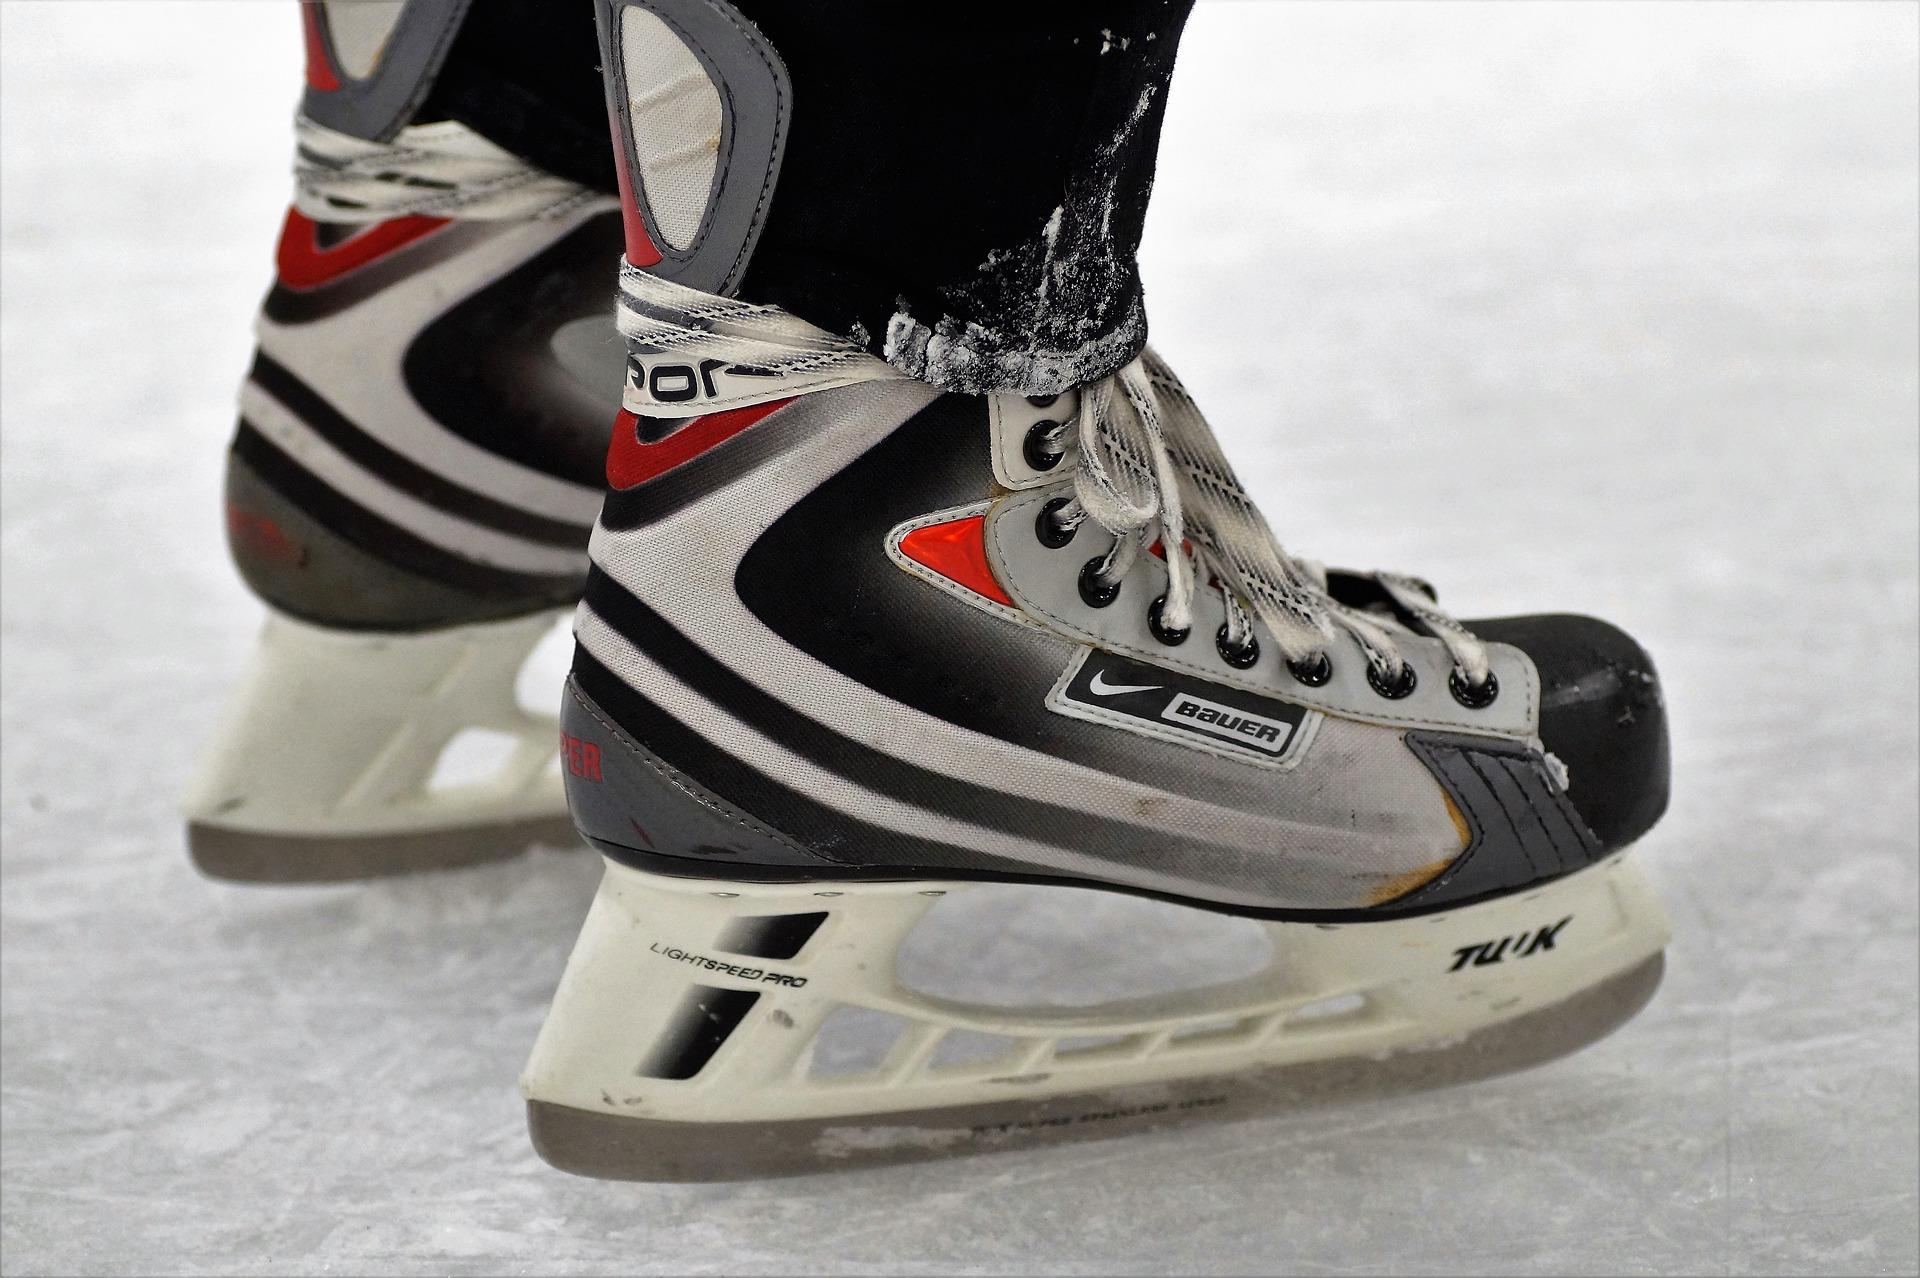 Hokejové dětské brusle na led